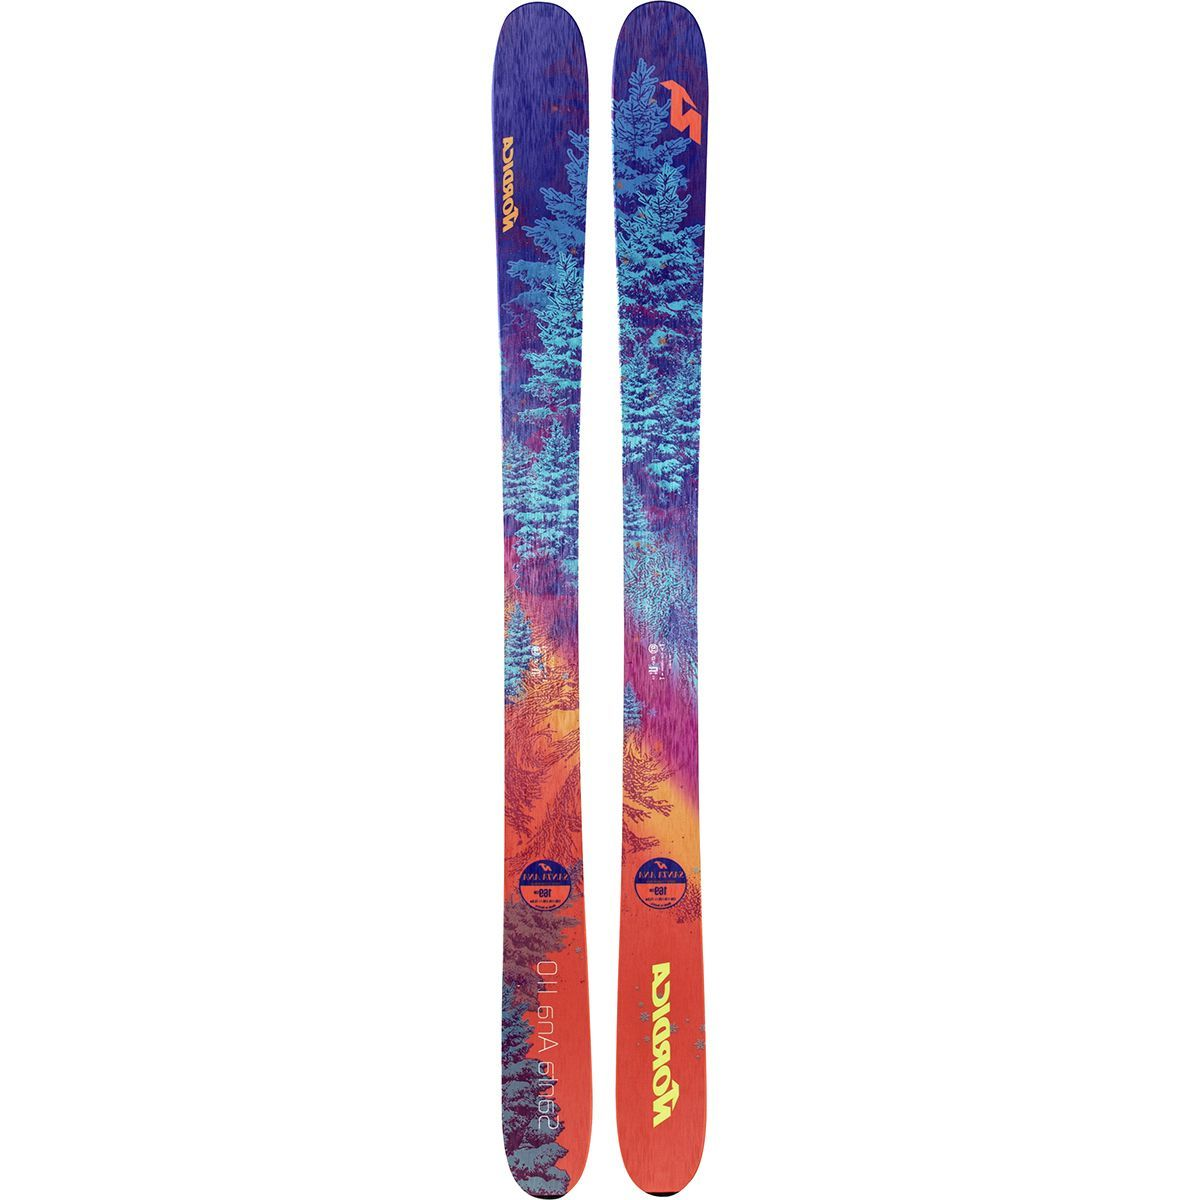 Nordica Santa Ana 110 Ski - Women's